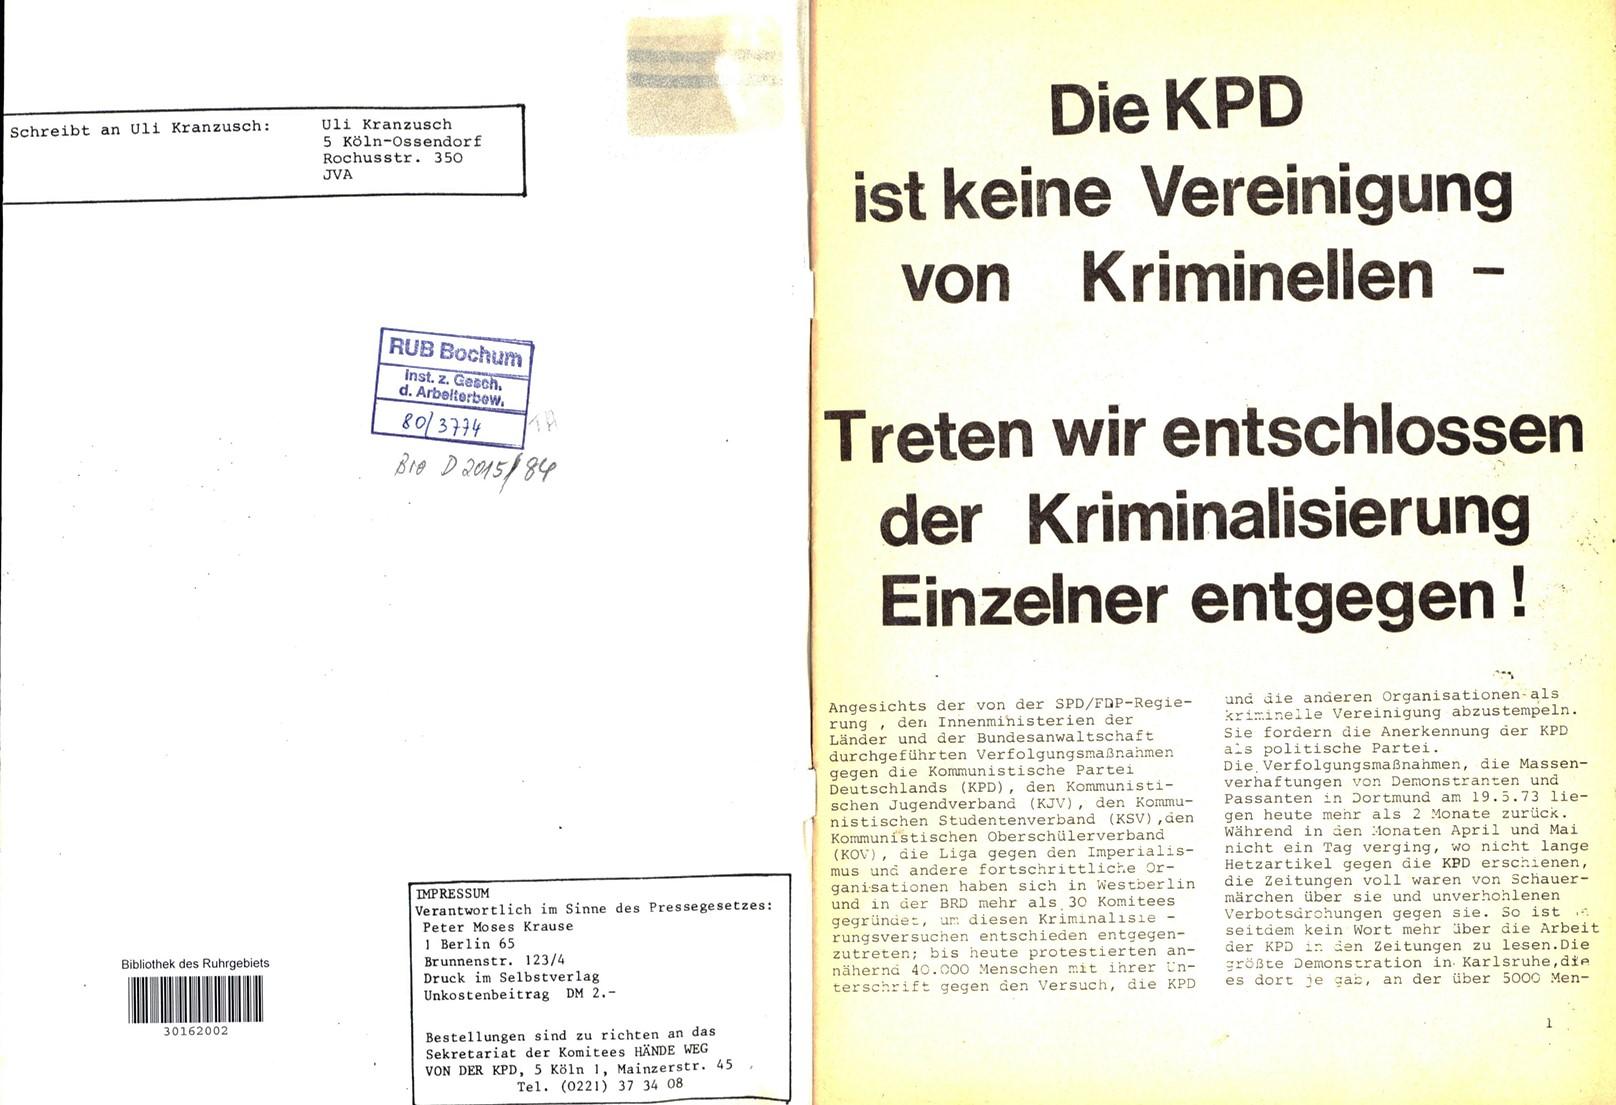 Komitee_Haende_weg_von_der_KPD_1973_Freiheit_fuer_Uli_Kranzusch_02